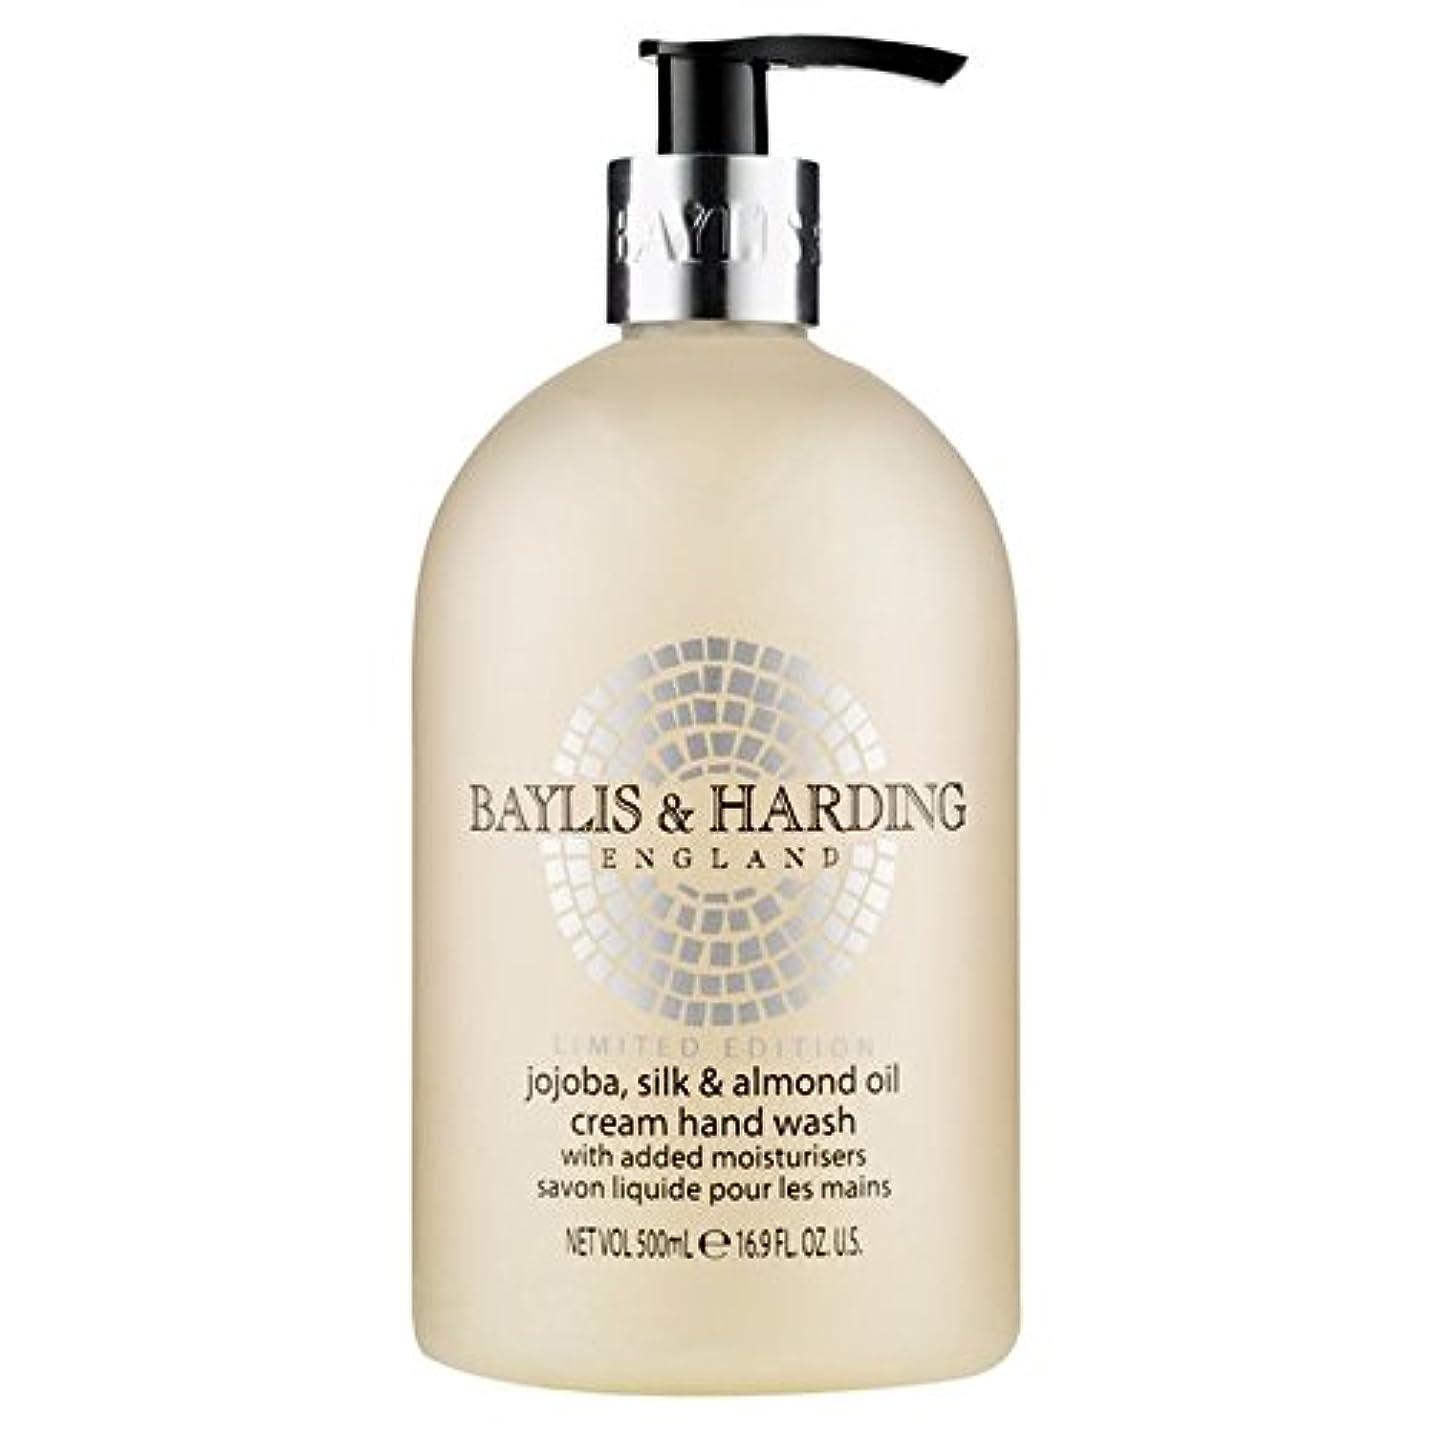 優れました夫法廷Baylis & Harding Jojoba, Silk & Almond Oil Hand Wash 500ml (Pack of 6) - ベイリス&ハーディングホホバ、シルク&アーモンドオイルハンドウォッシュ500...